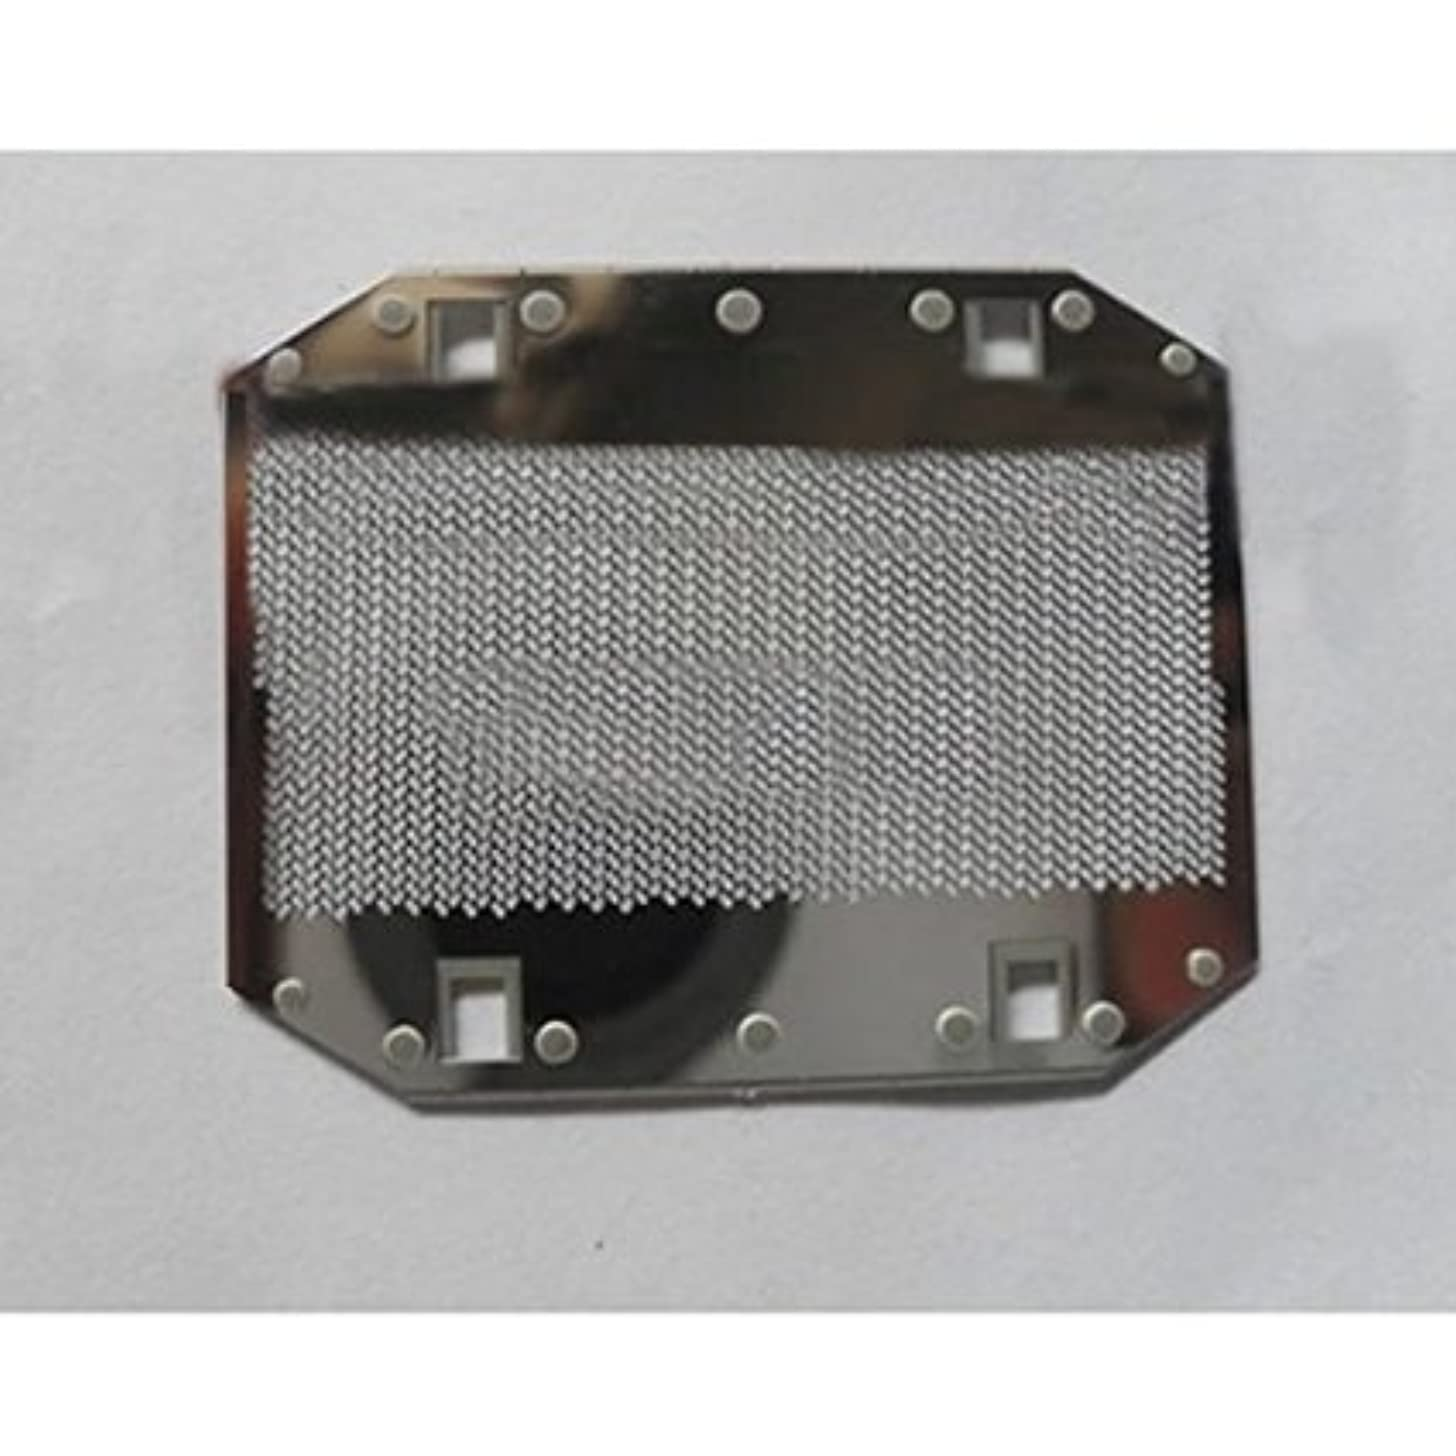 広いヒュームキャンバスLinyuan 安定した品質 Shaver Outer Foil for ES3042 ES3831 ES-RC30 ES3801 ES9943C